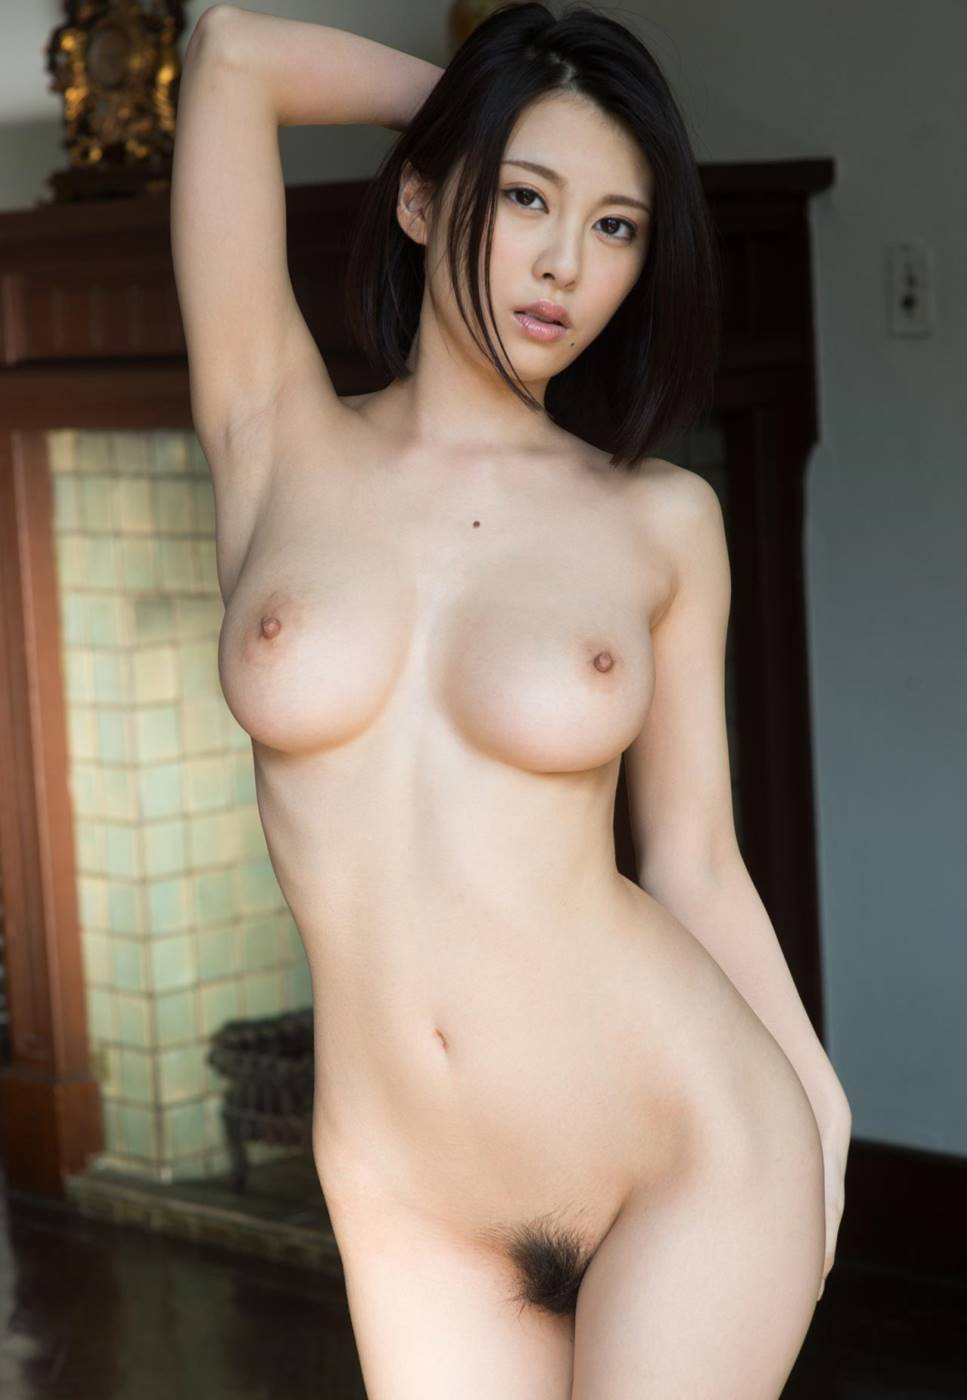 松岡ちな おっぱいで抜ける美巨乳ヌード画像